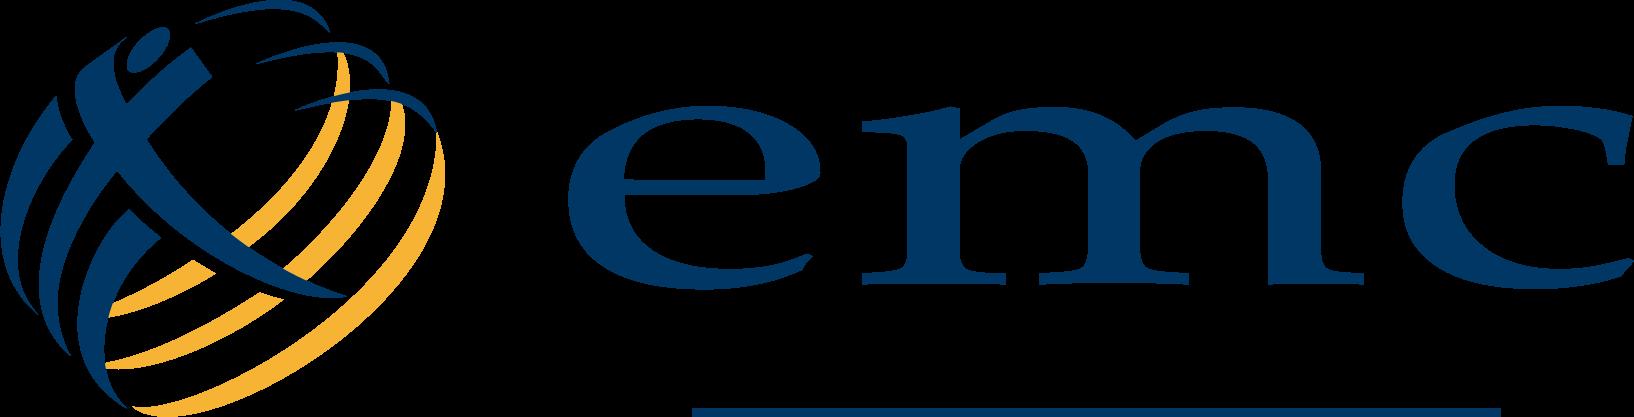 emc_logo_horizontal3.png